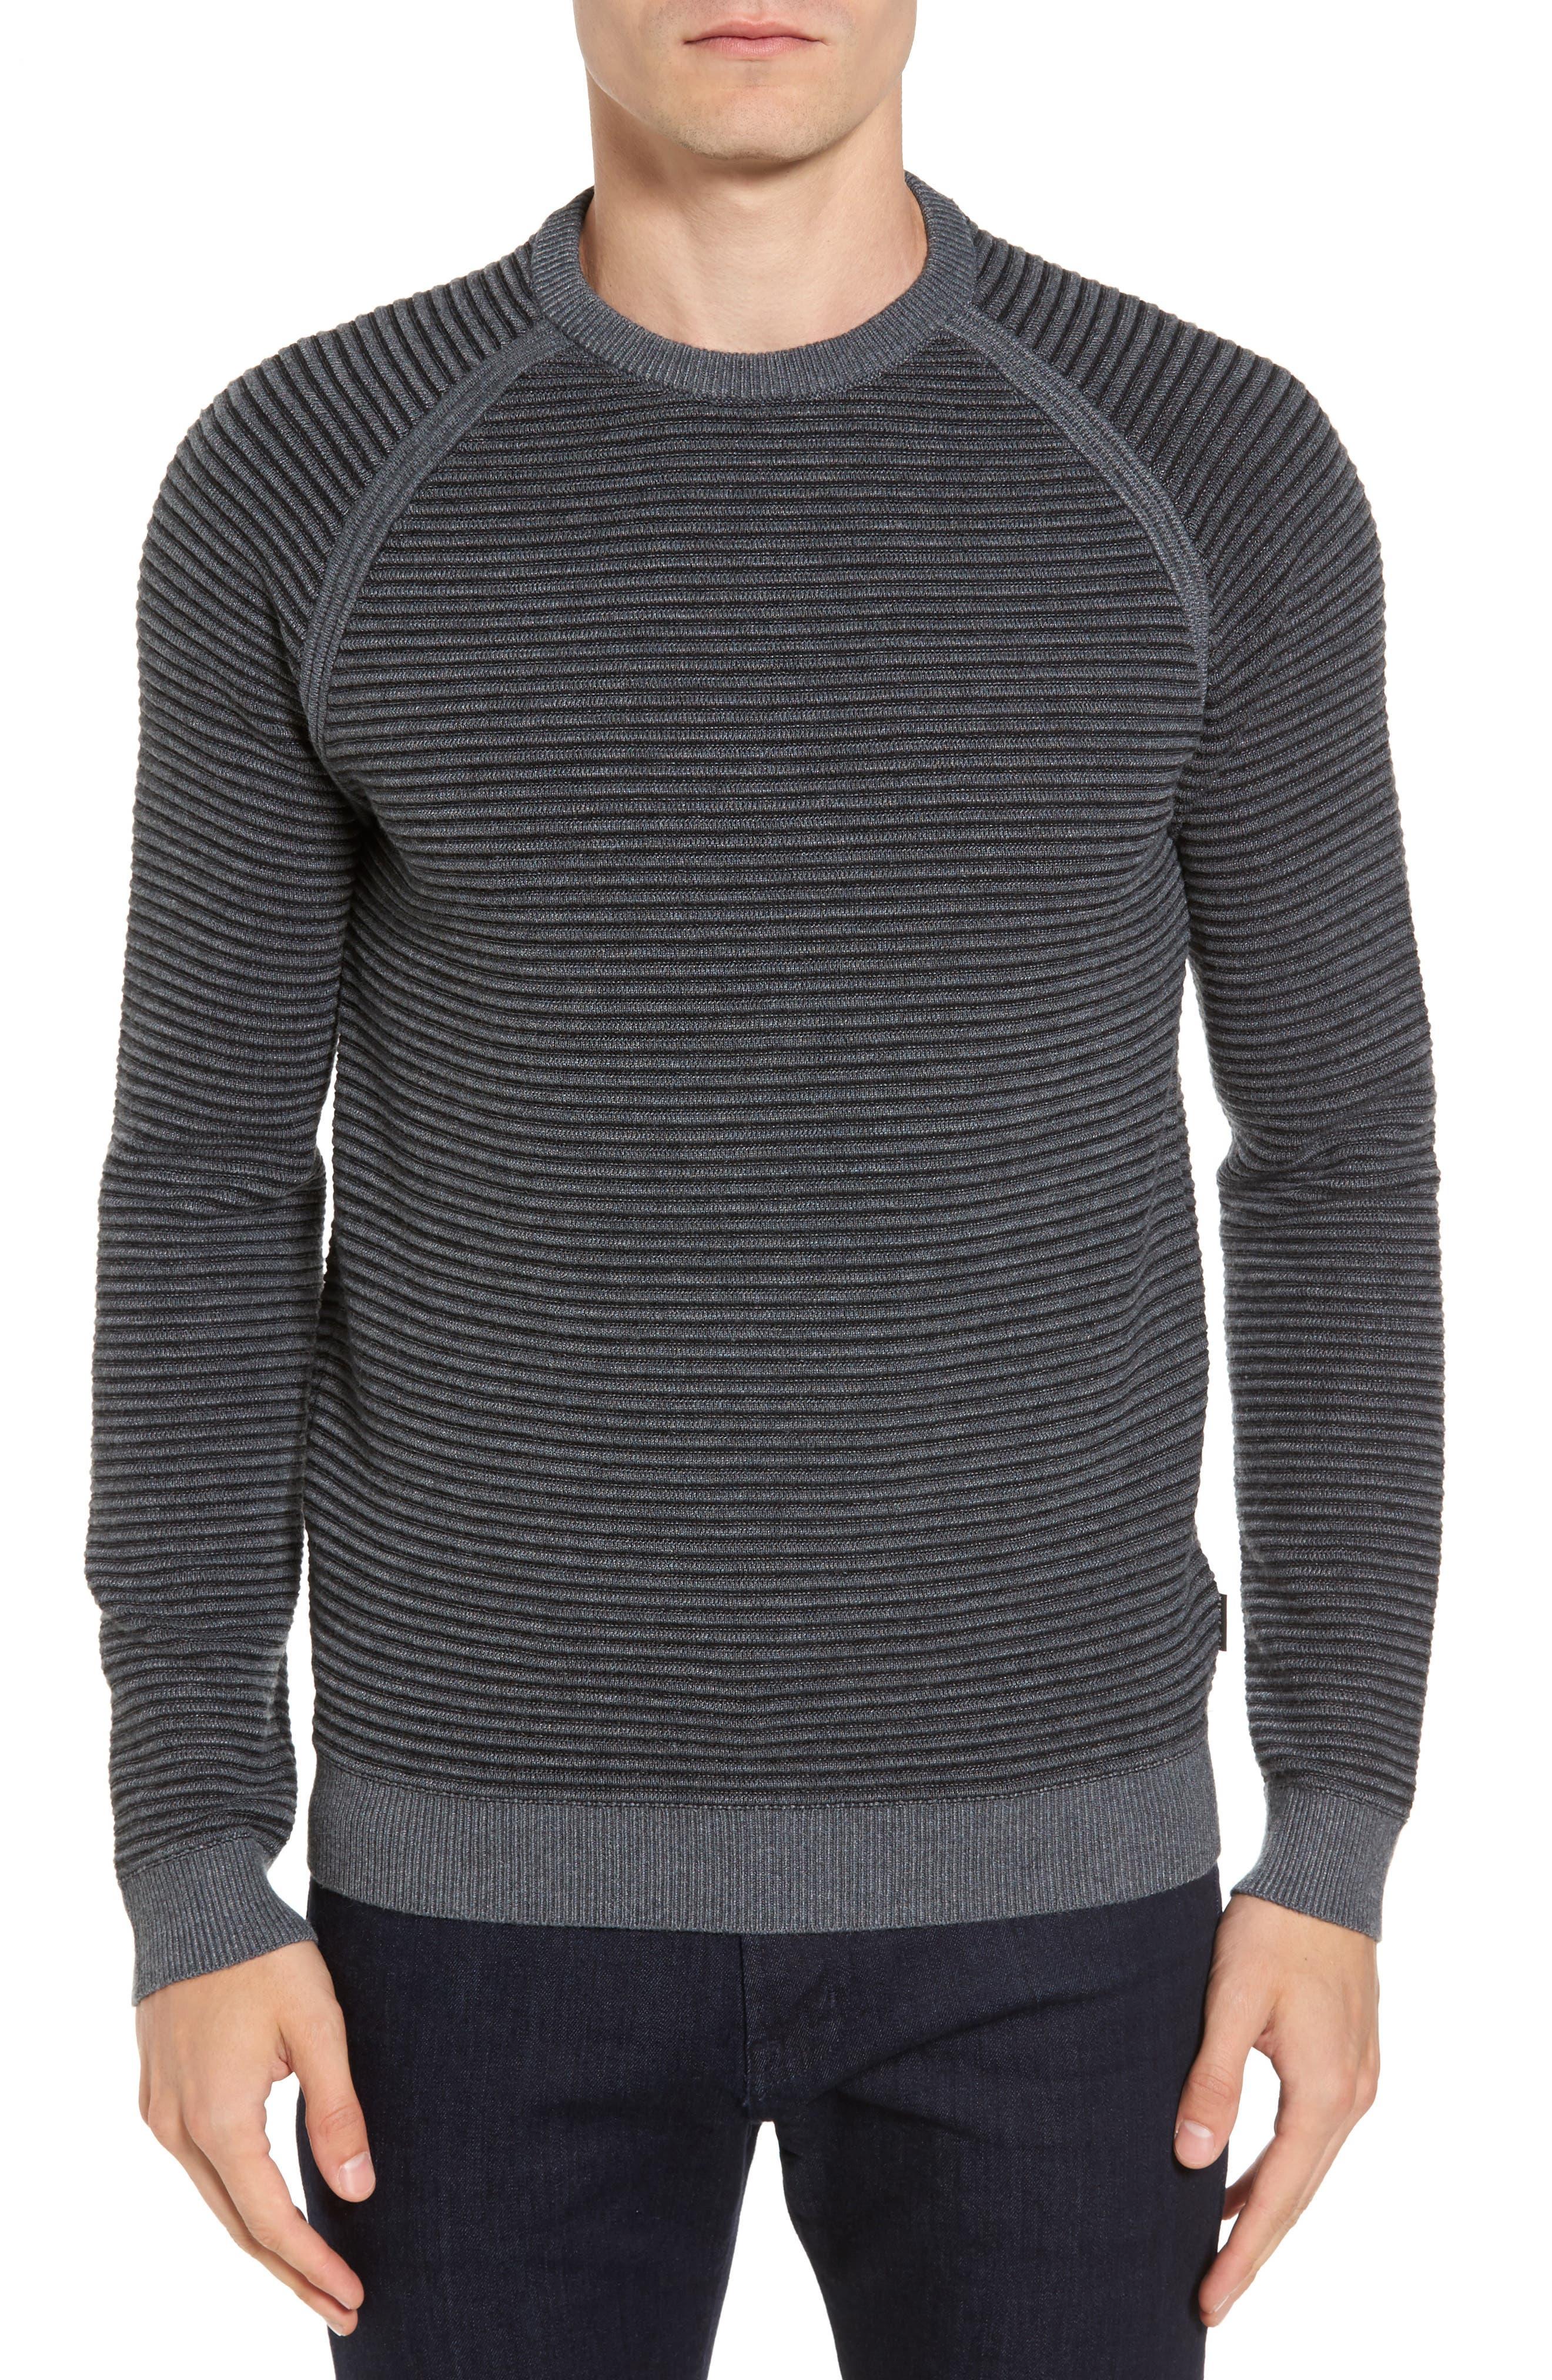 Alternate Image 1 Selected - Ted Baker London Cashoo Slim Fit Ribbed Sweatshirt